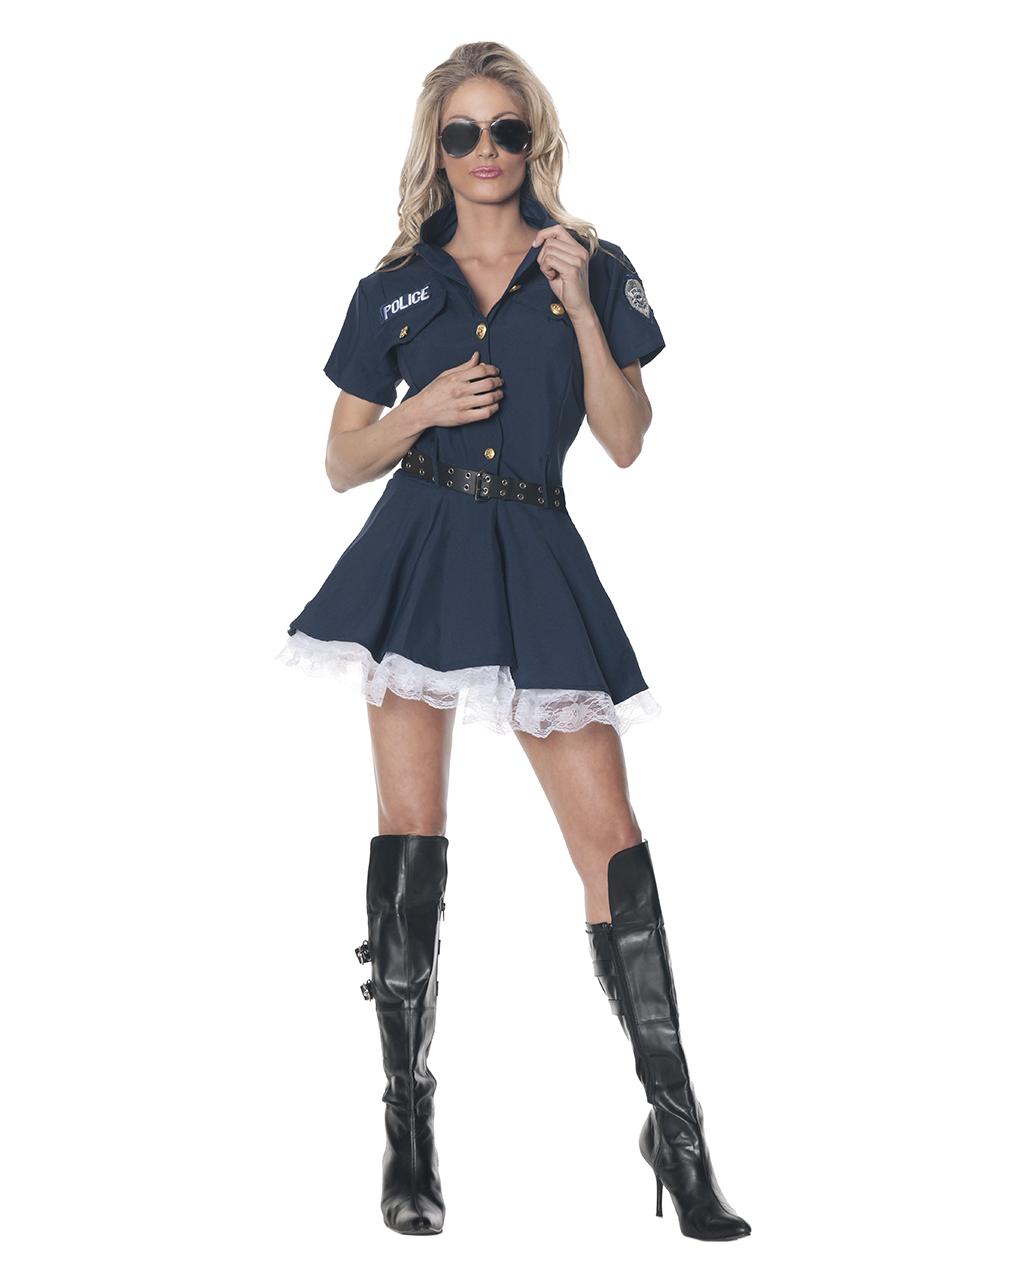 low priced 3b91b 92e30 sexy-gefaengniswaerterin-kostuem--striperin-verkleidung-polizei--polizistin-kostuem-fasching--15730-f96c0aeb26.jpg